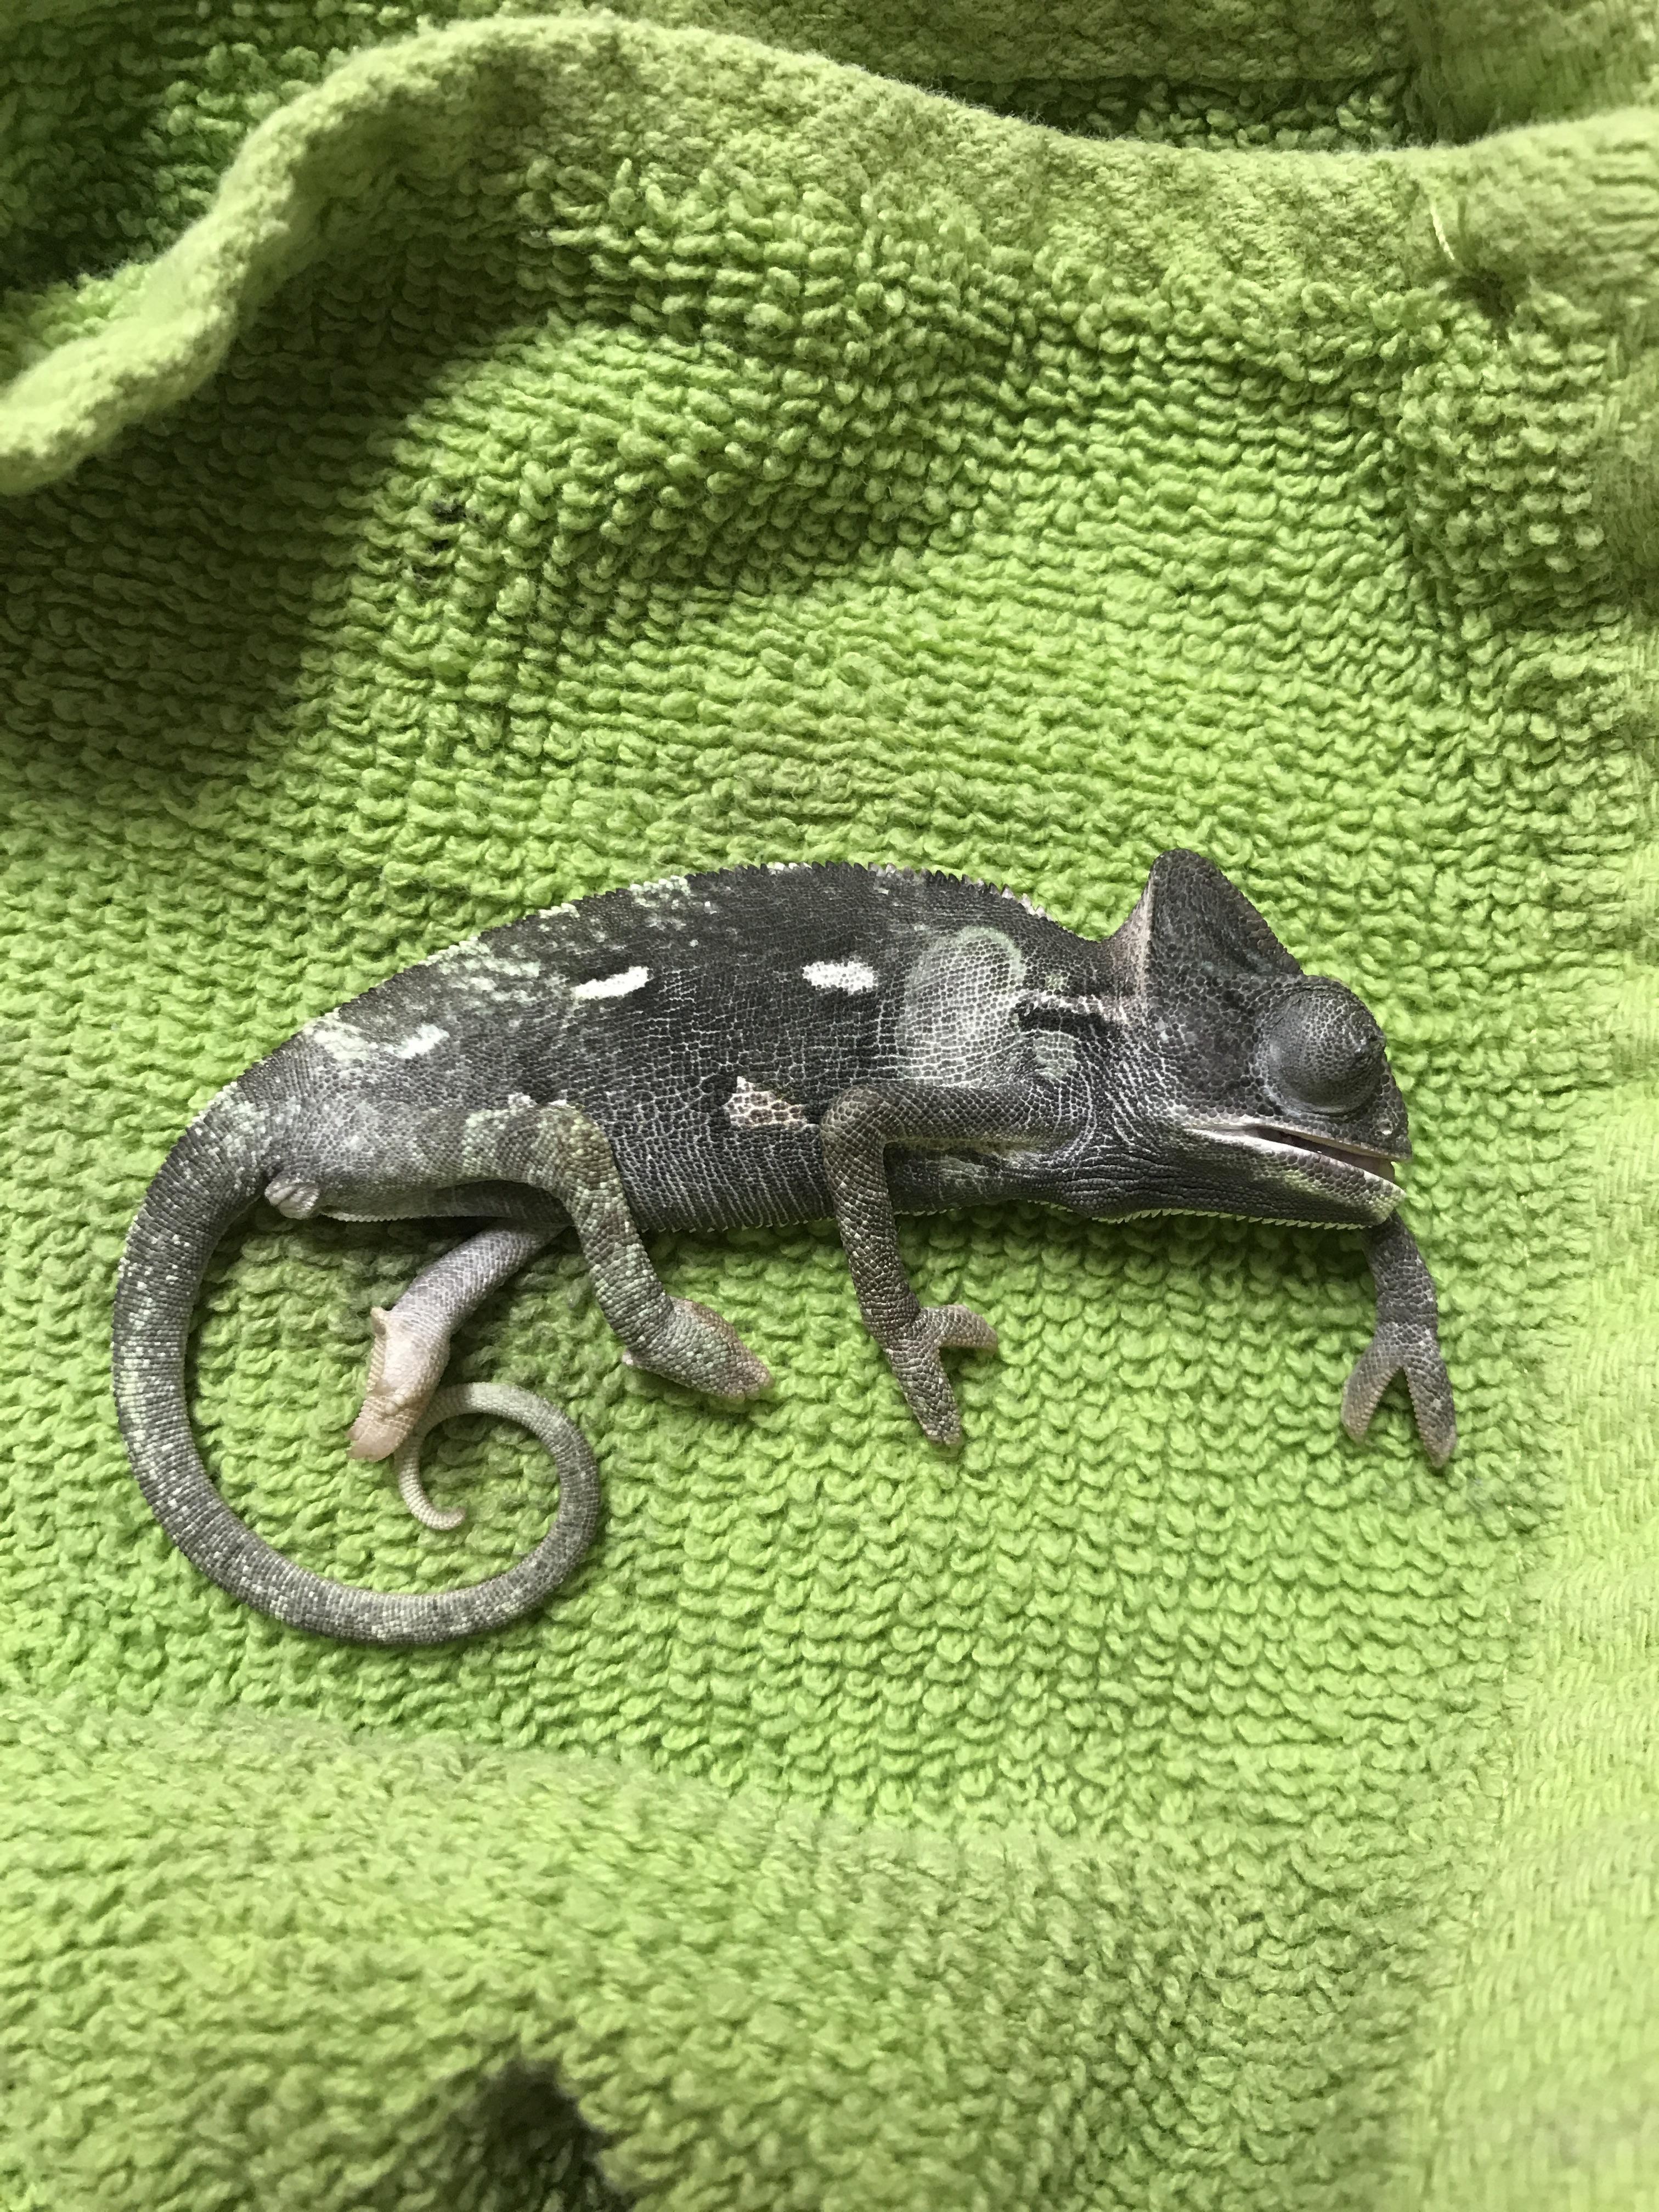 Petsmart Chameleon Cage : petsmart, chameleon, Chameleon, Petsmart, Pet's, Gallery